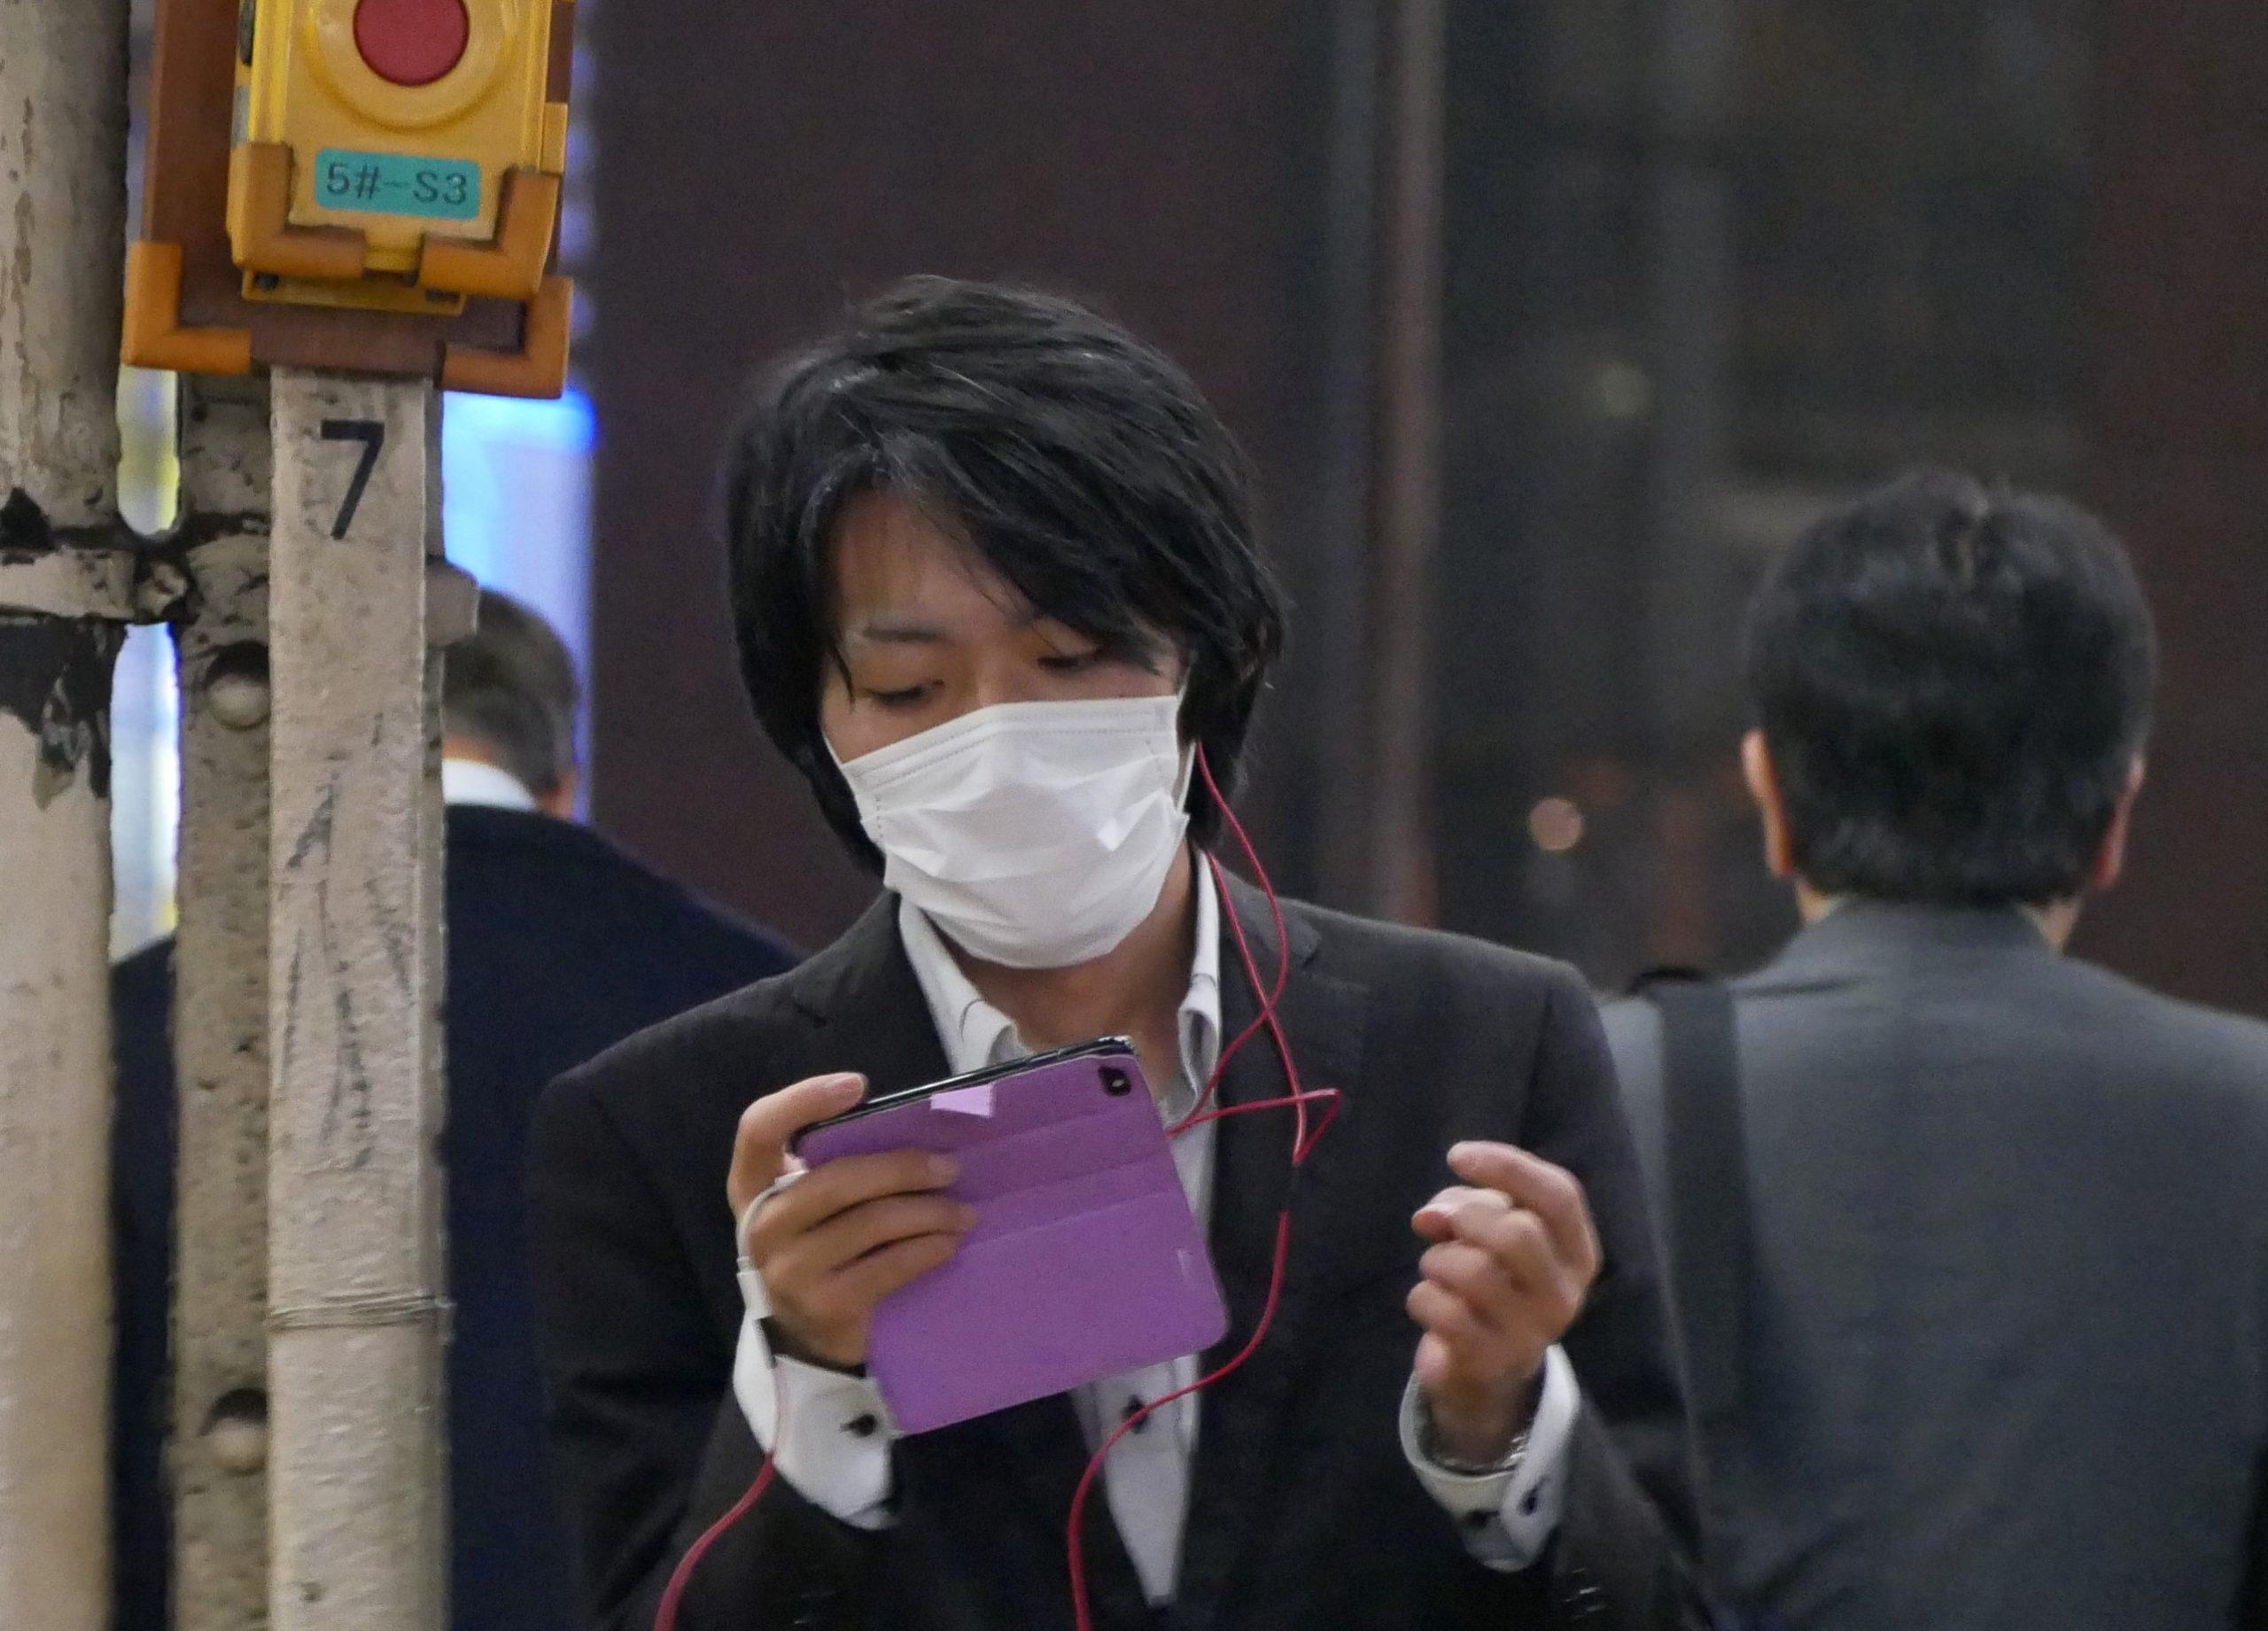 Der er årligt omkring 100.000 danske ankomster til Kina, en del af landet er netop nu ramt af Wuhan-lungebetændelsen, en såkaldt coronavirus med SARS-lignende symptomer. Wikipedia-arkivfoto fra: Nesnad.